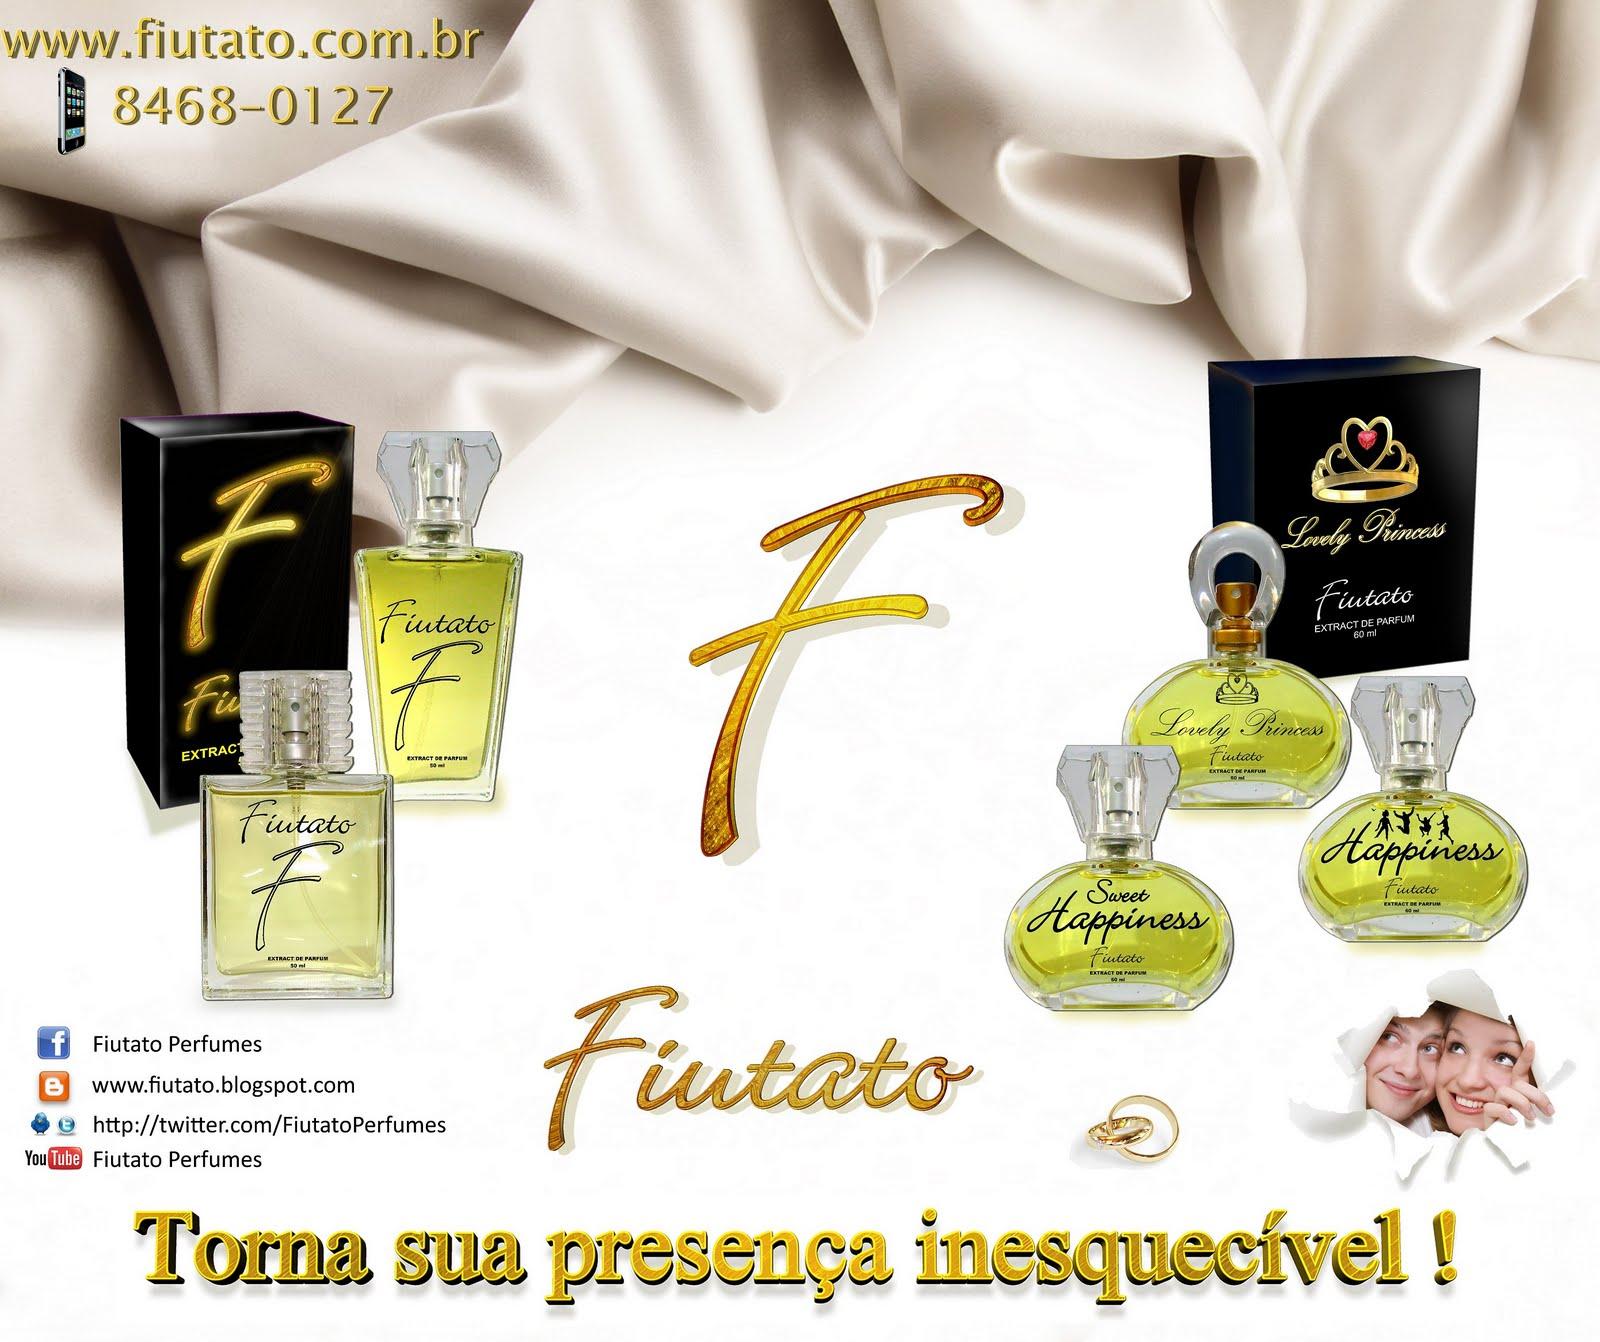 site: www.fiutato.com.br